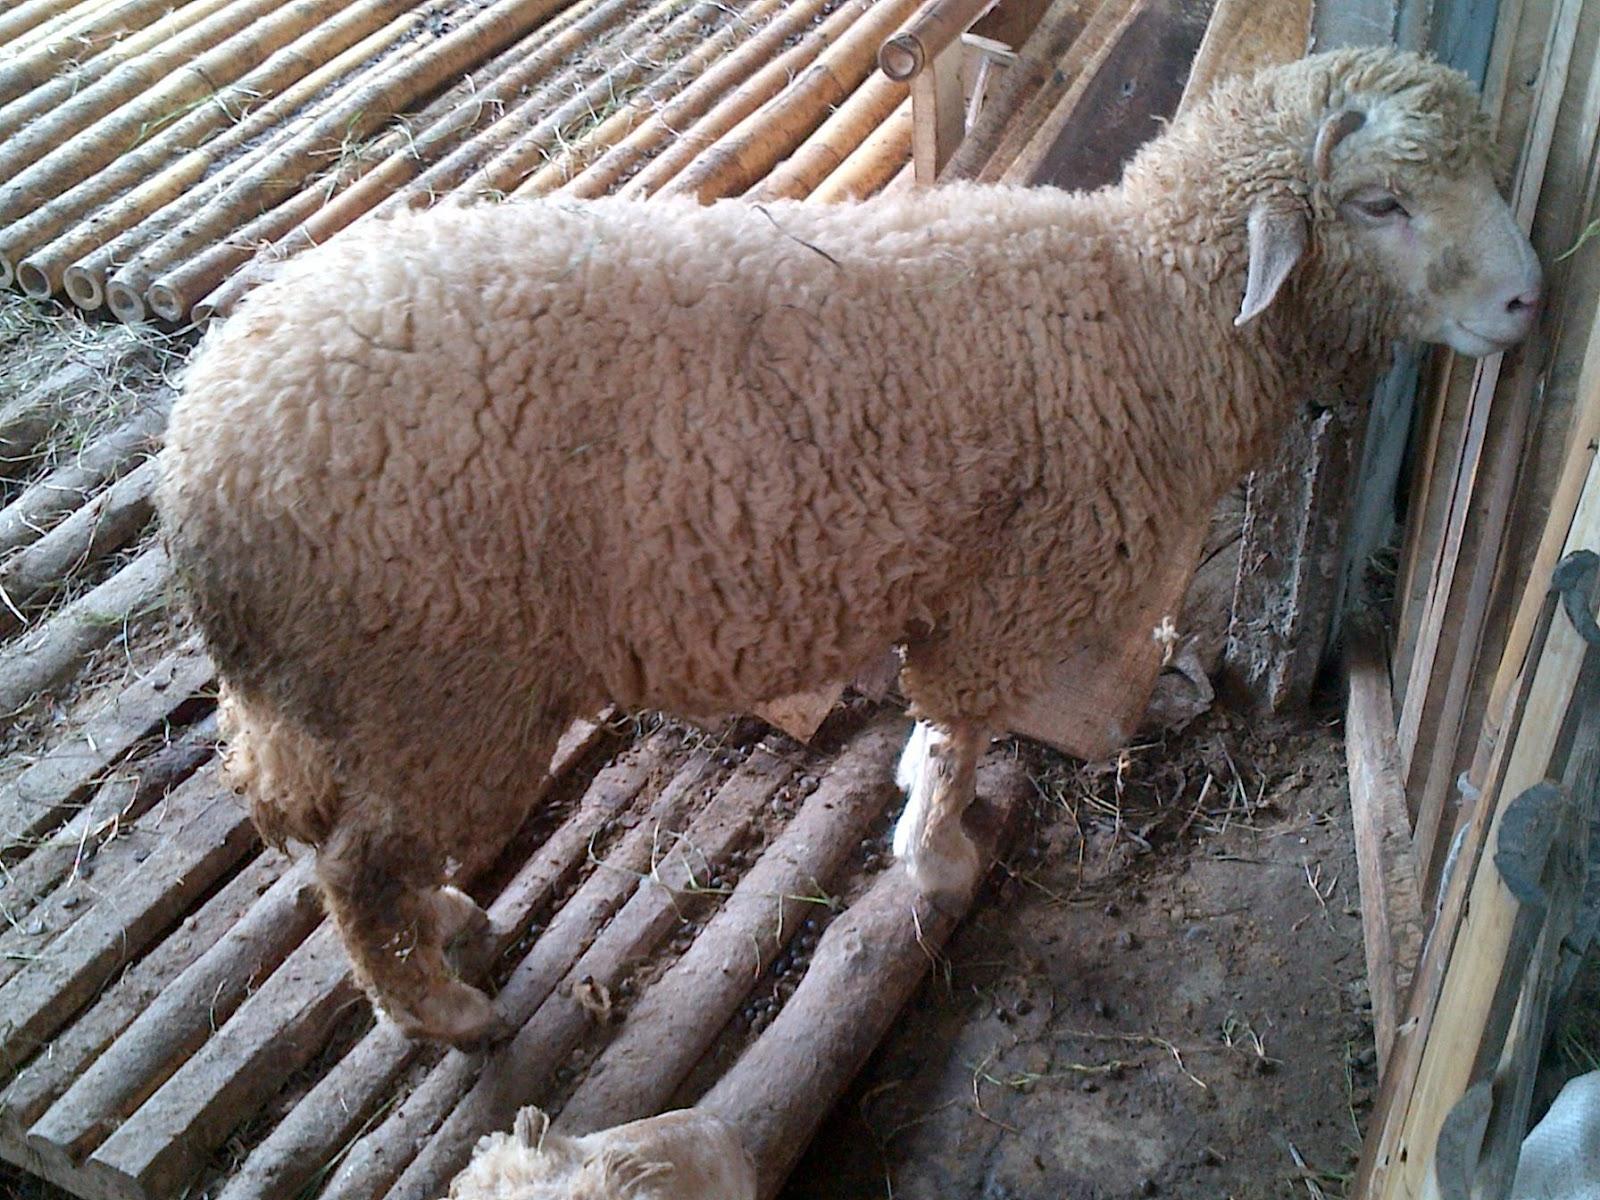 0815-7804-5670 - Penataran Peternakan Domba February 2021 intended for Gambar Domba Banyak